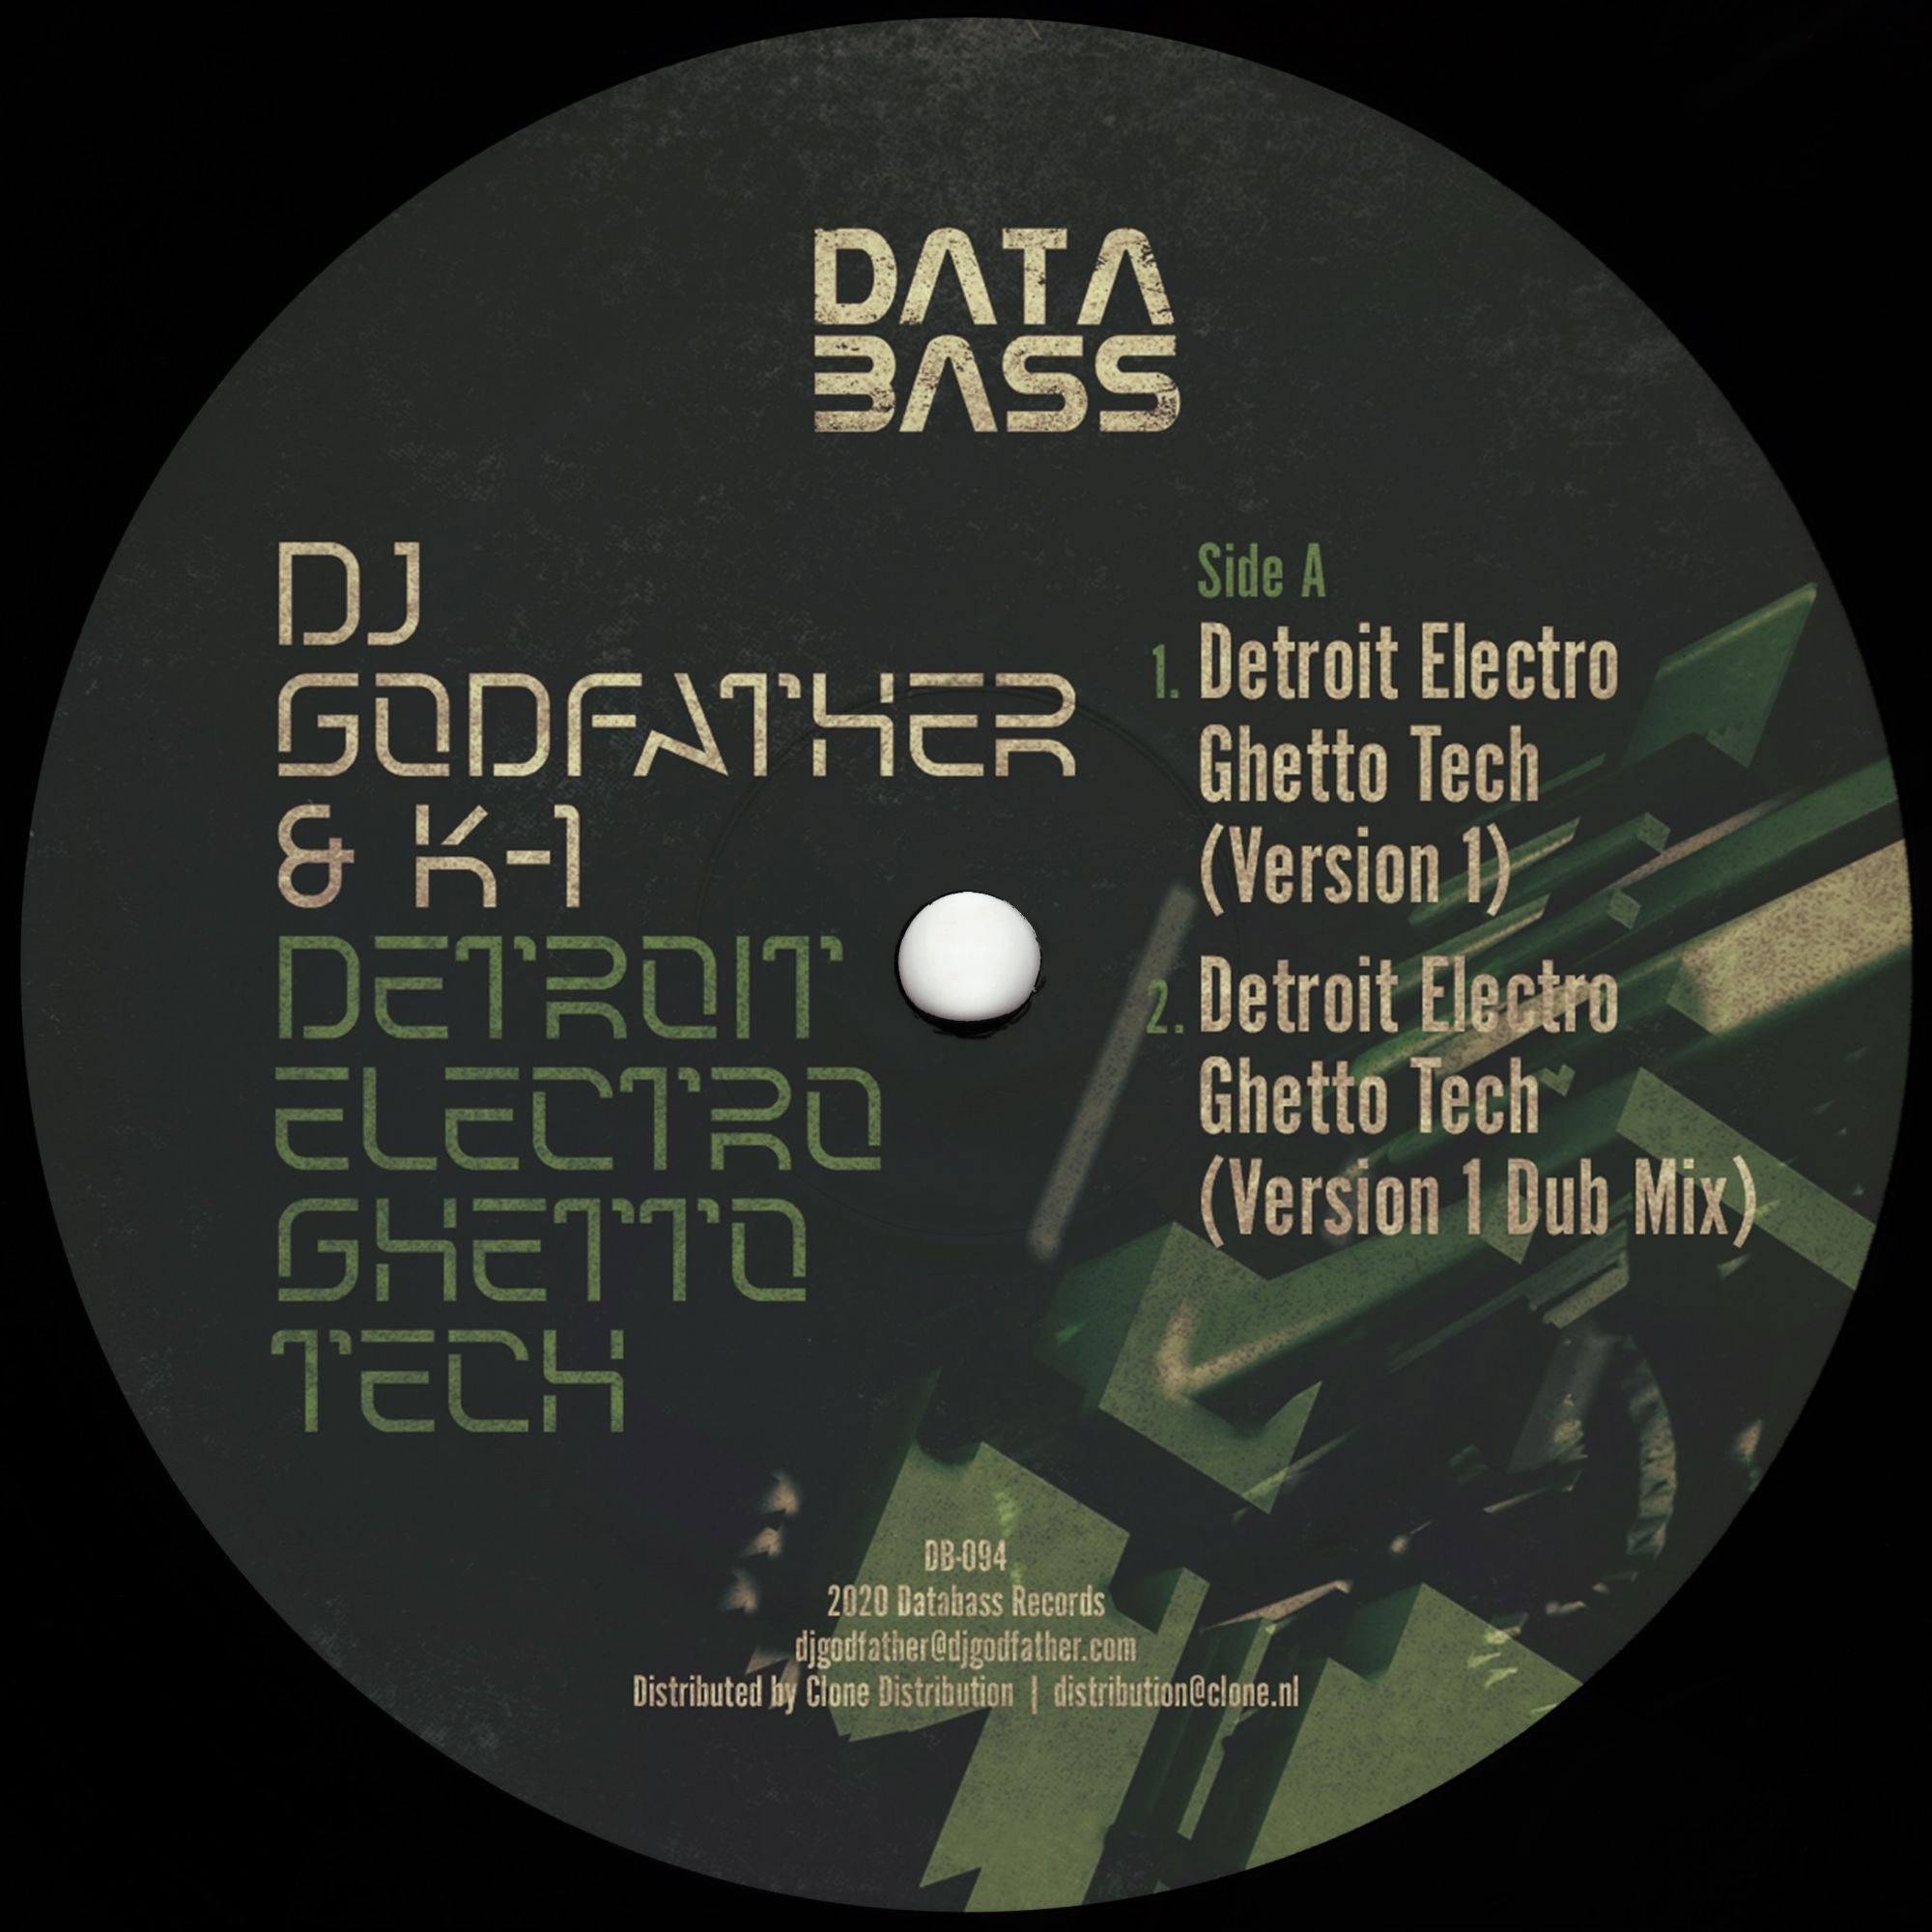 DJ Godfather & K-1 - Detroit Electro Ghetto Tech